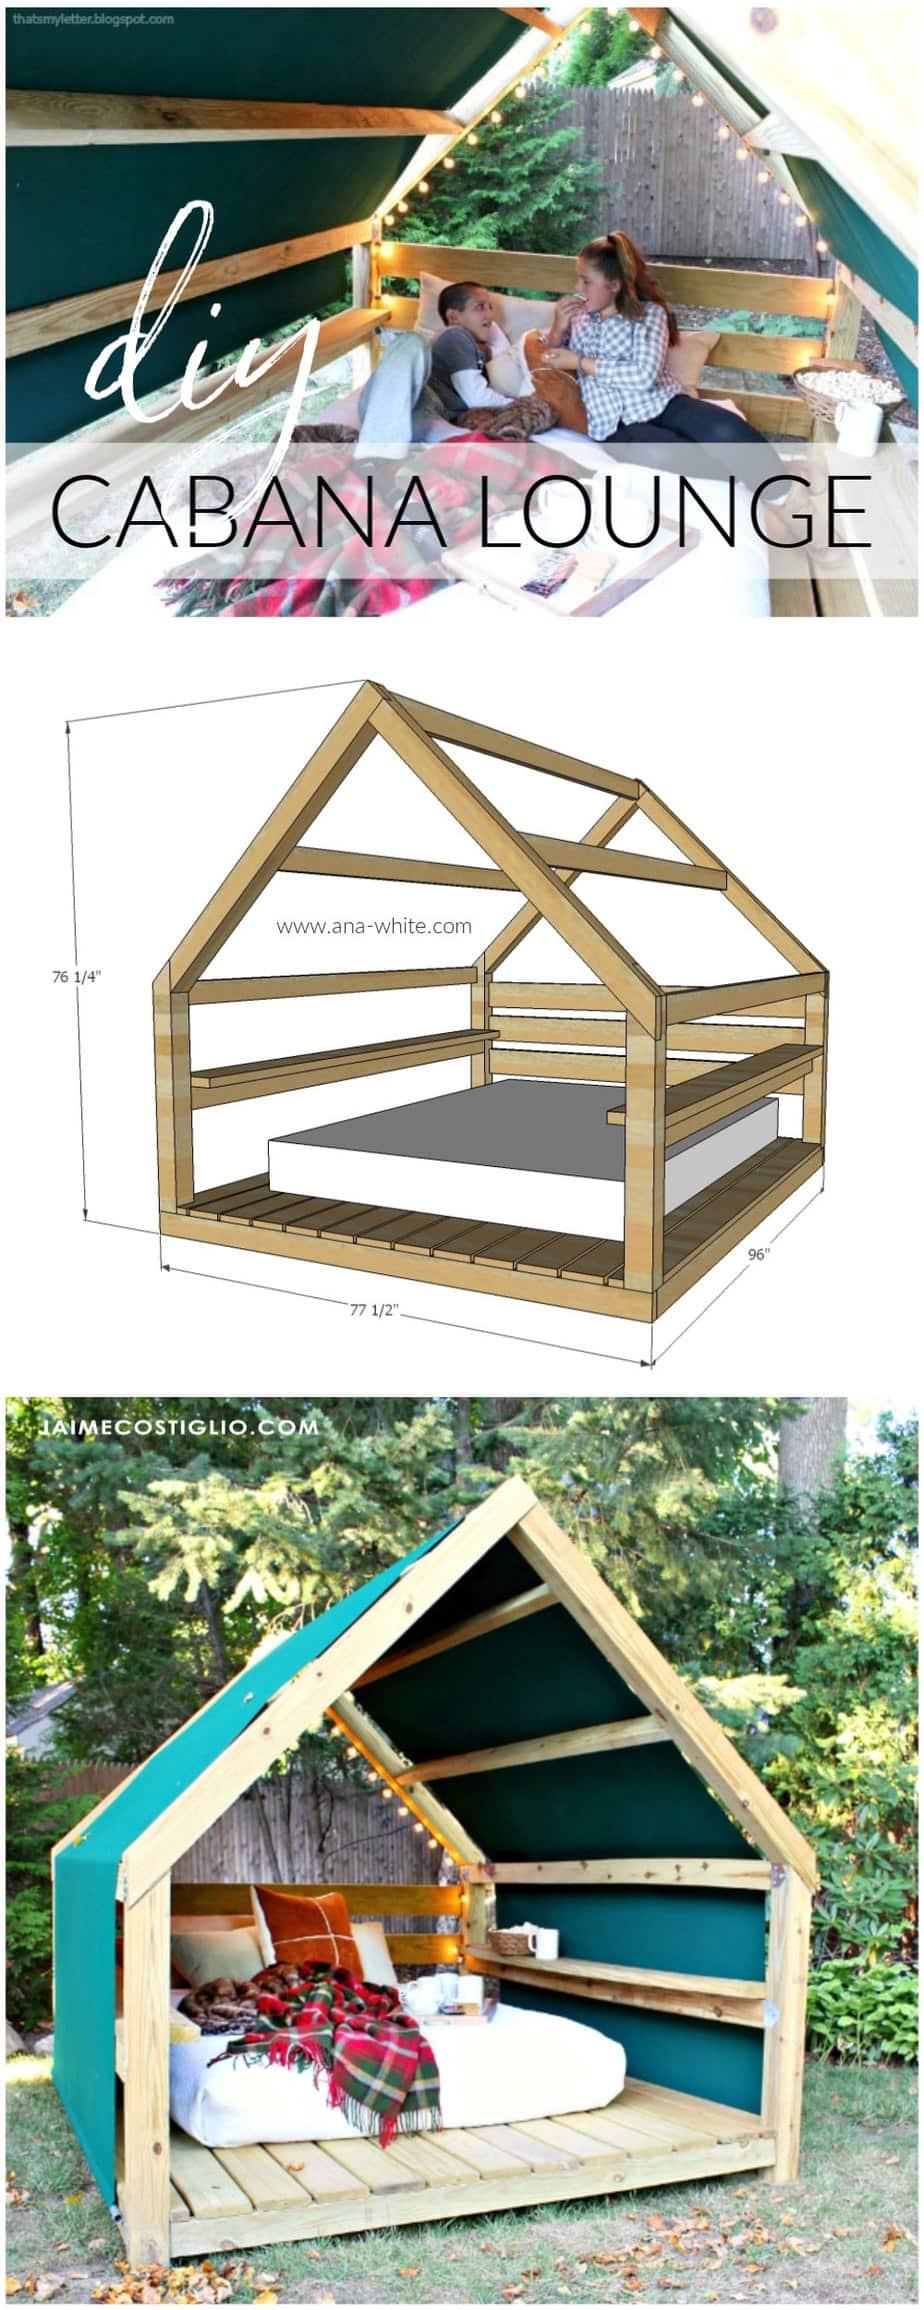 diy outdoor cabana lounge plans